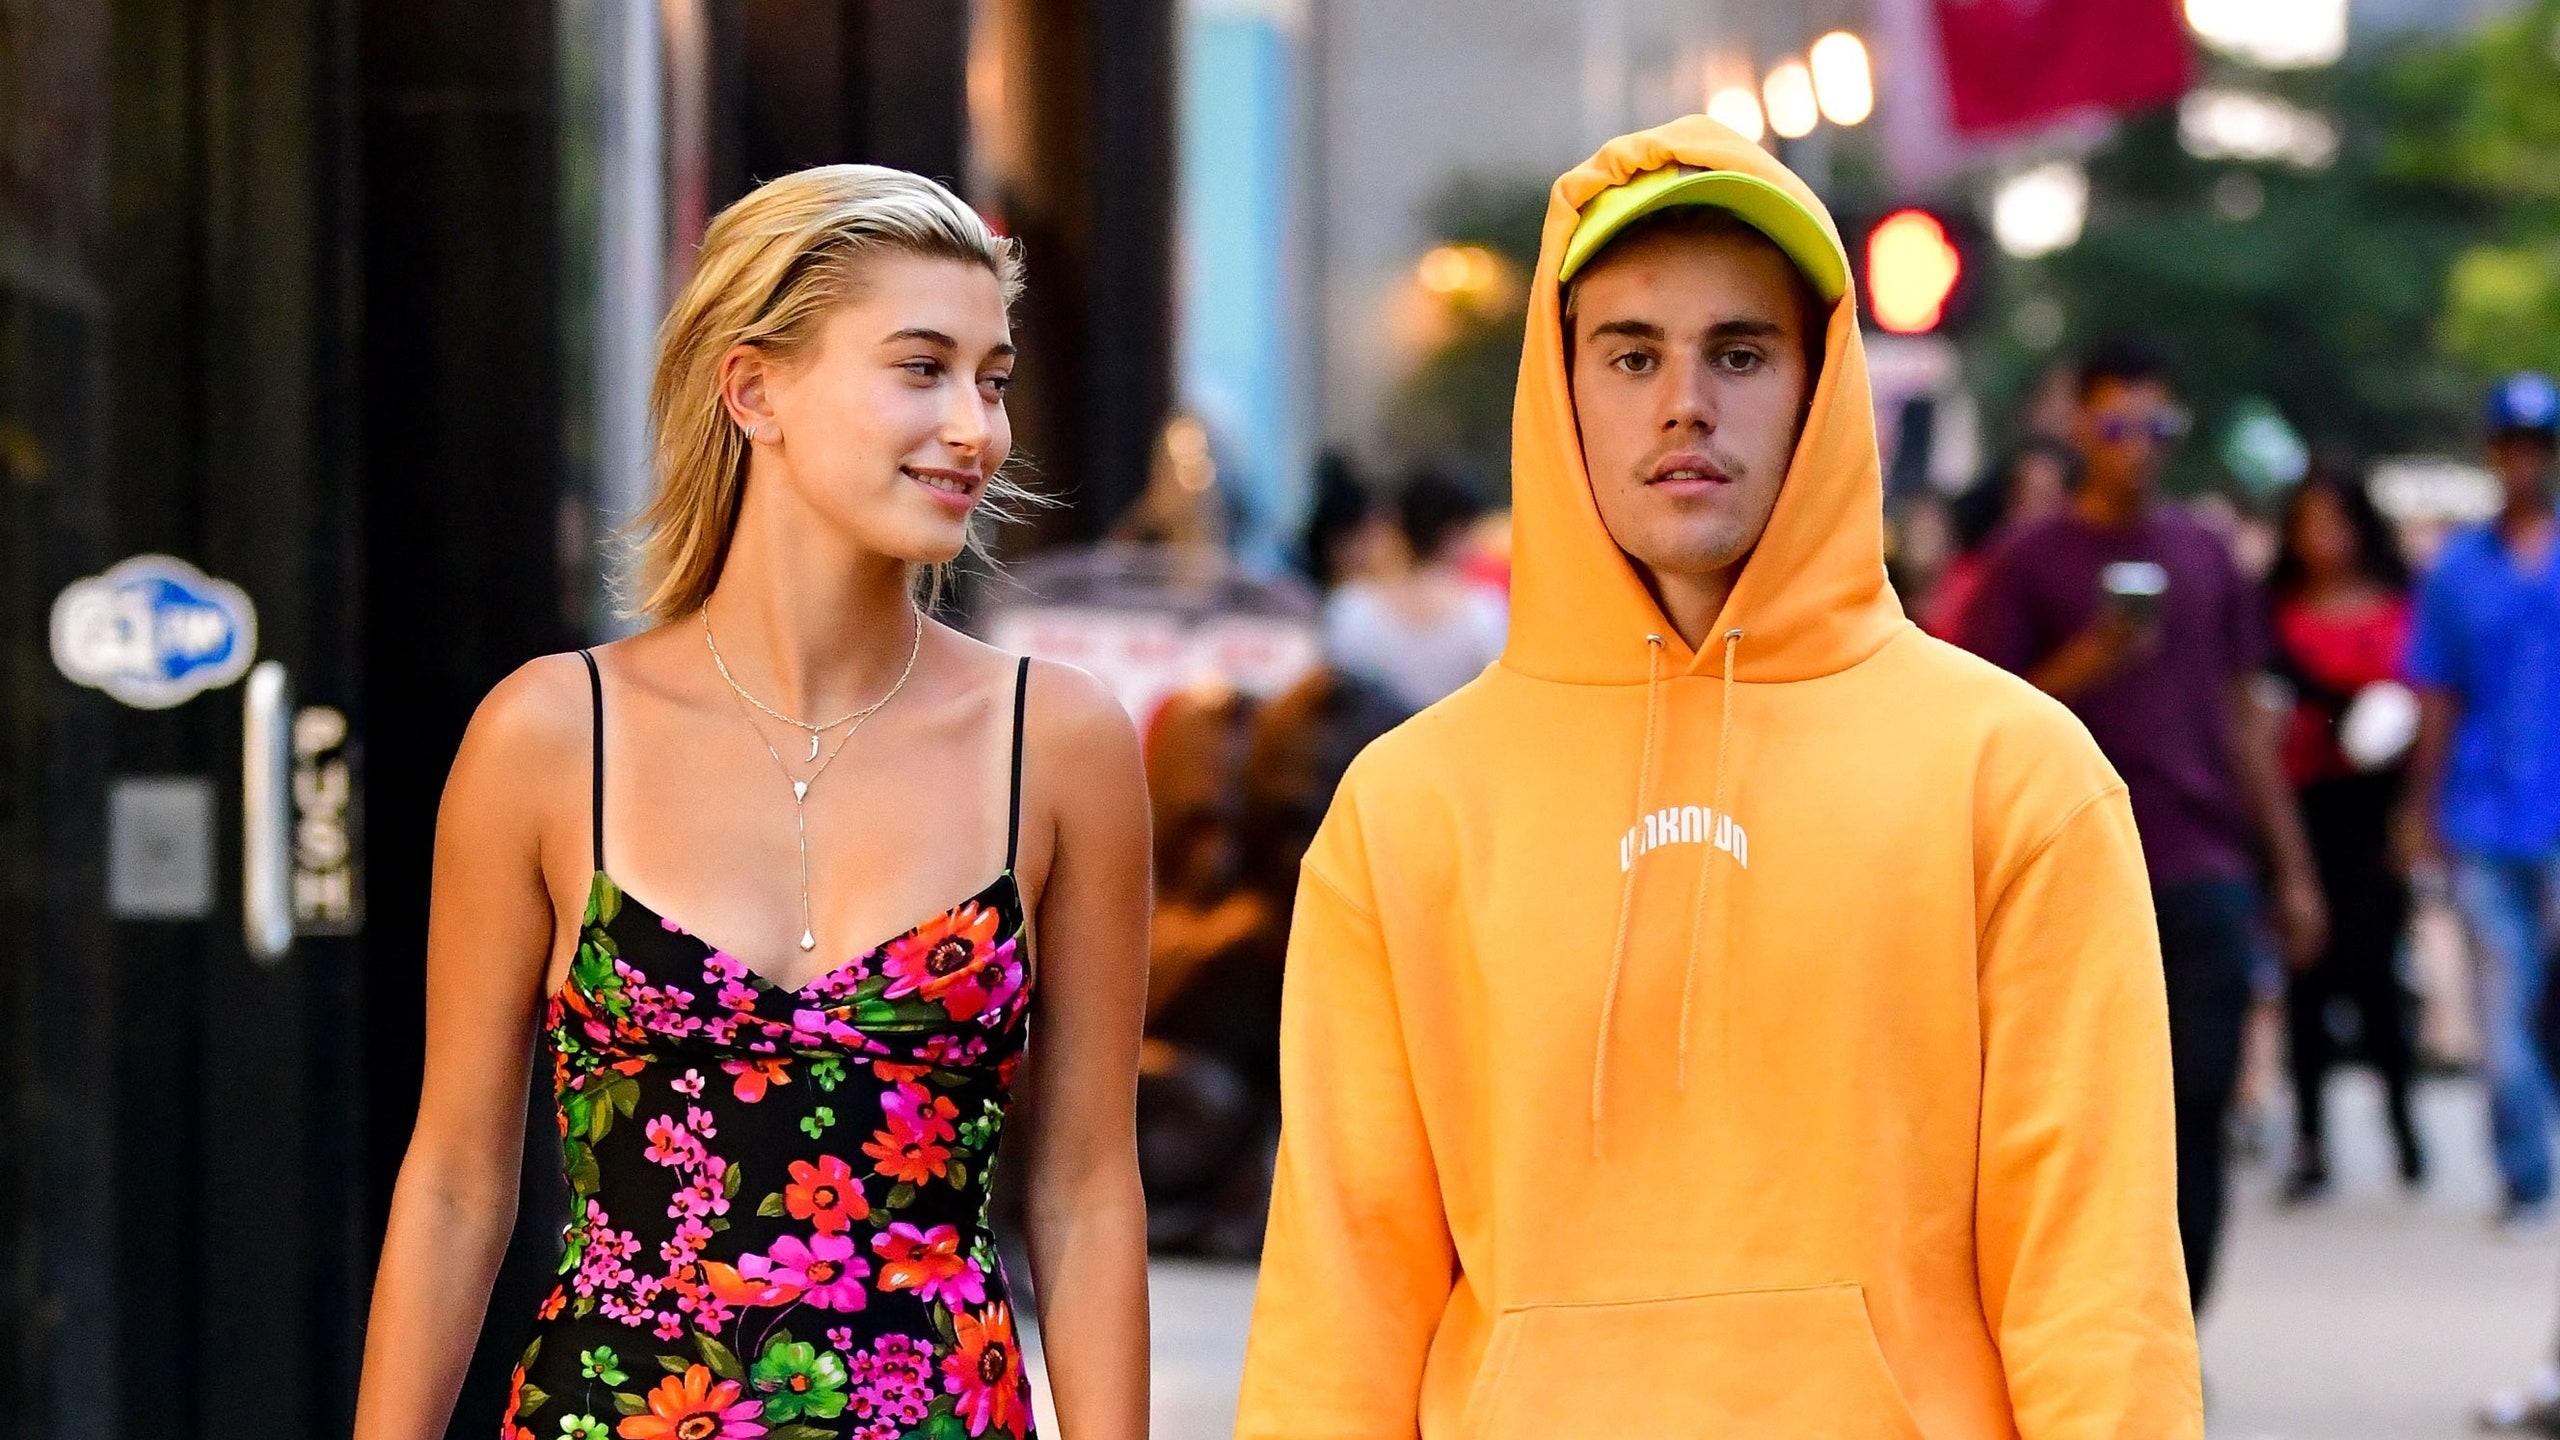 Justin Hailey Bieber